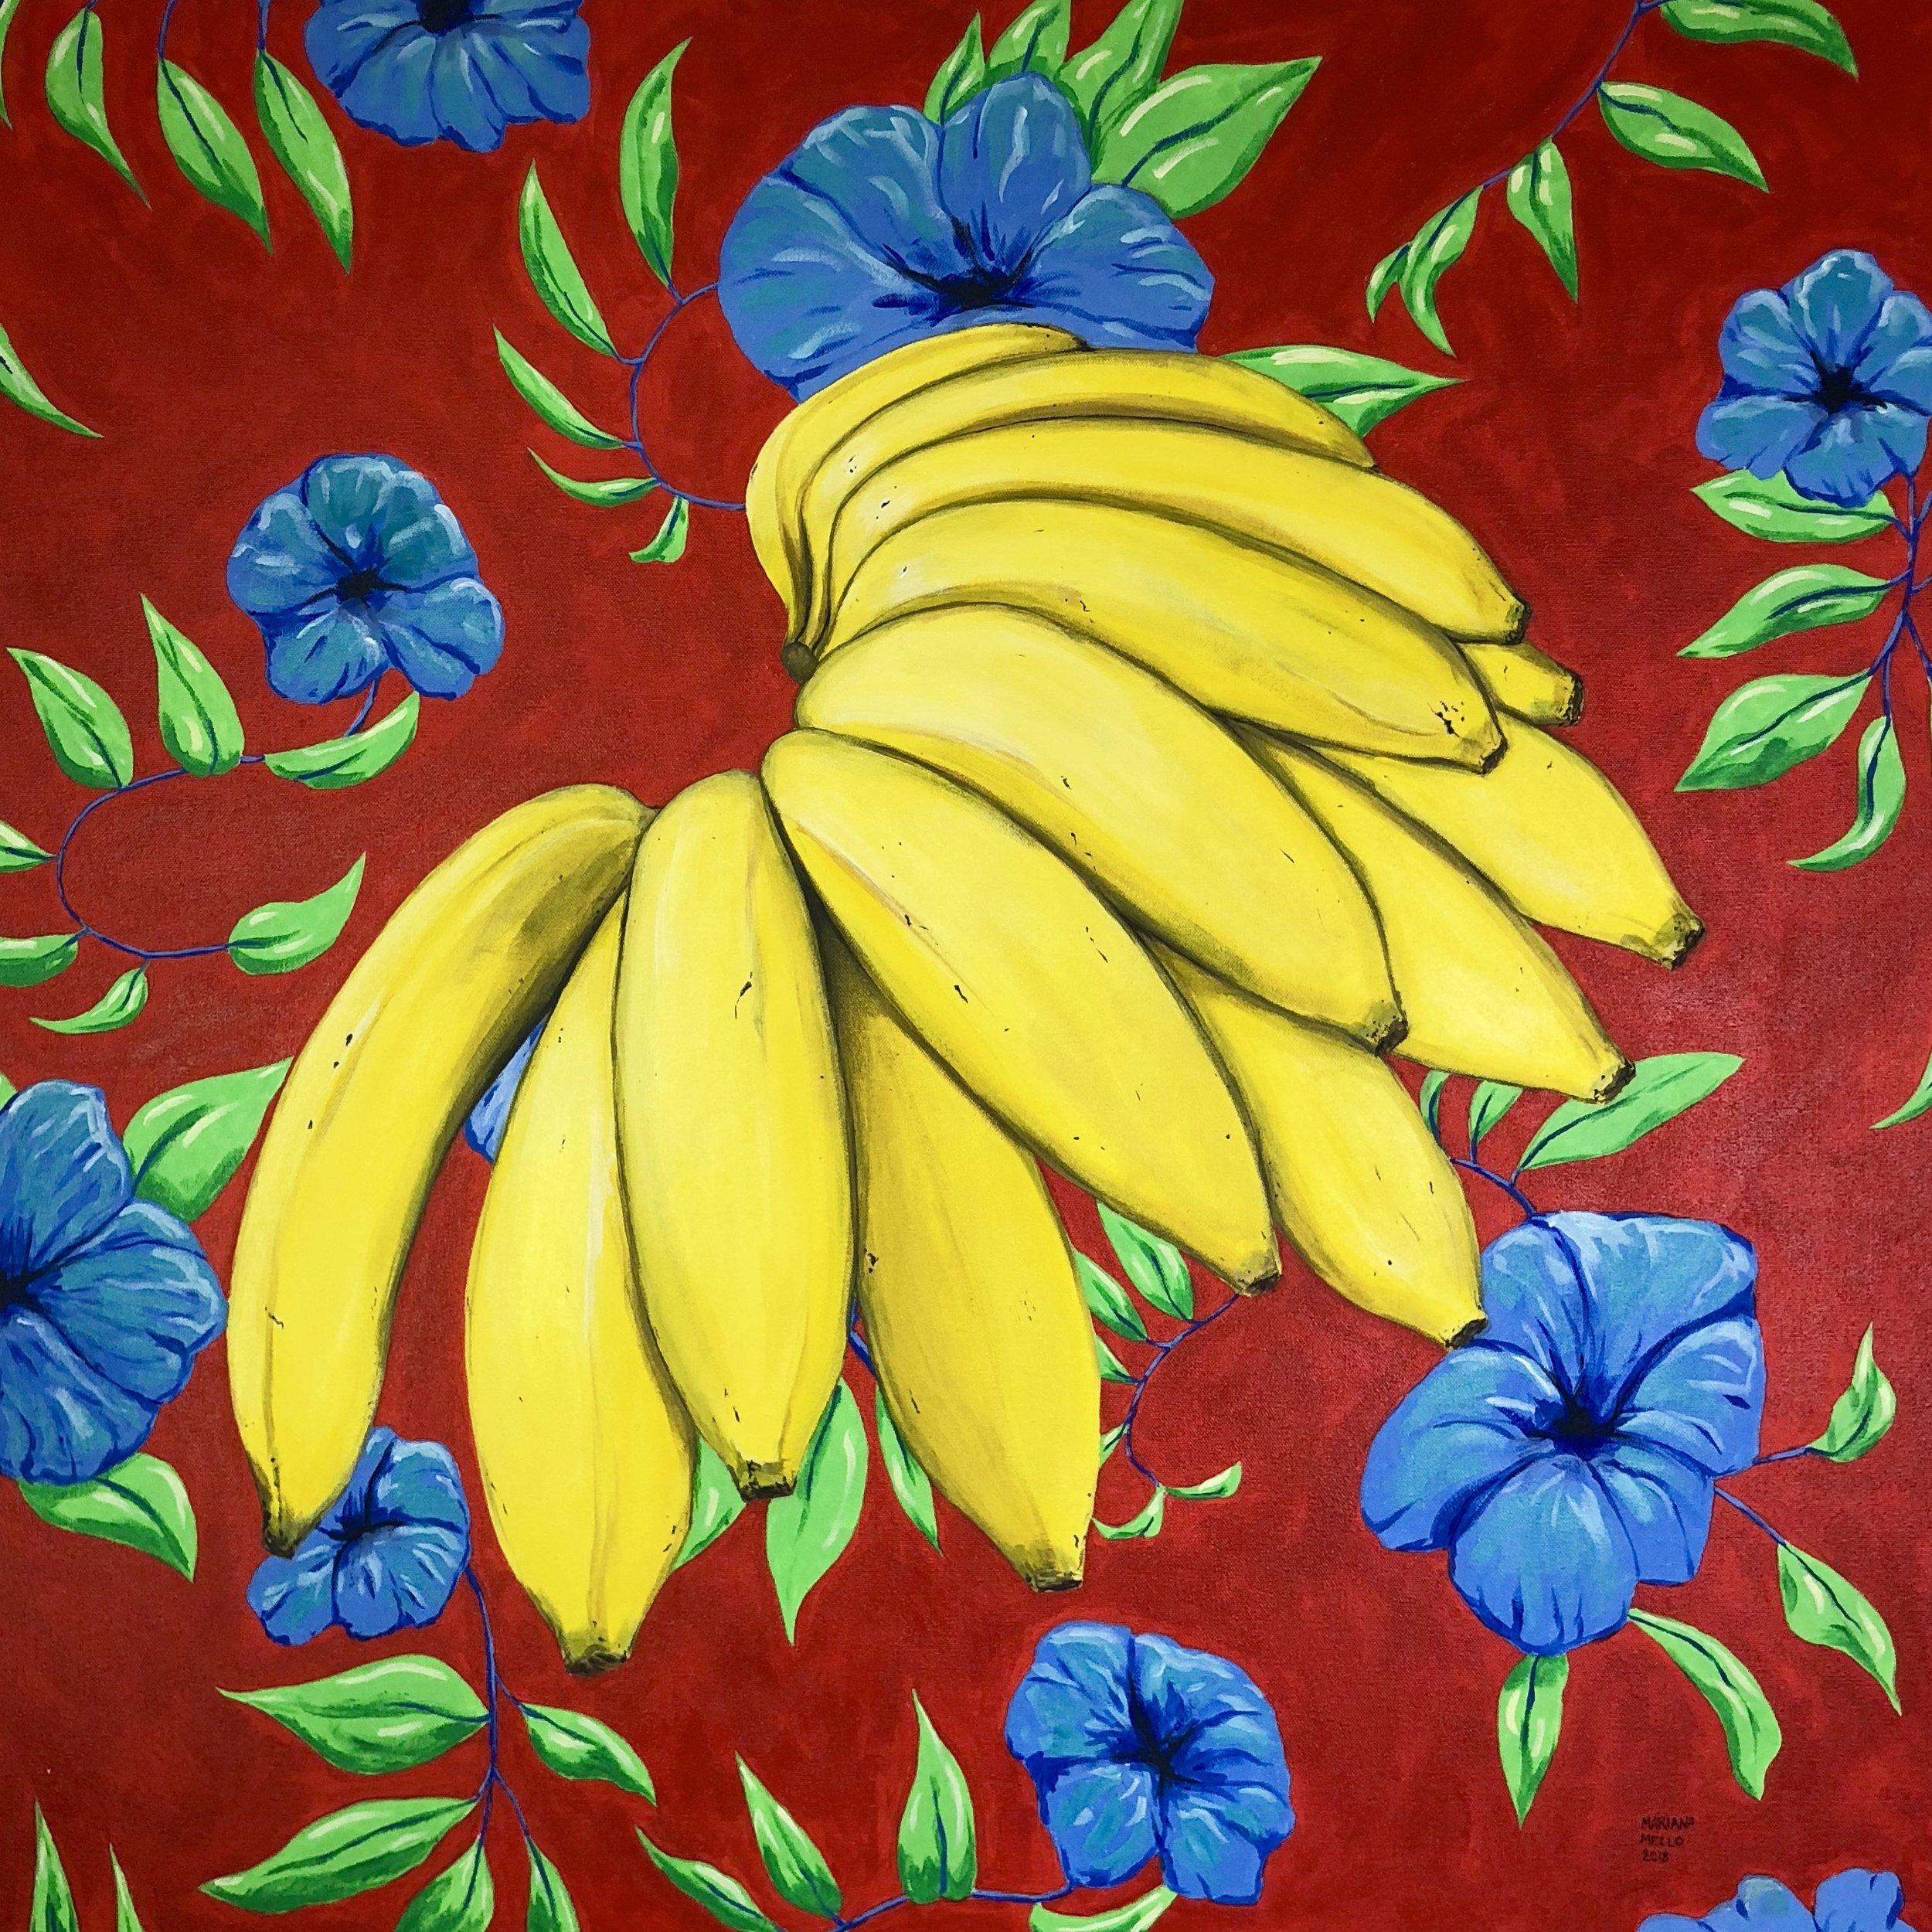 Bananas (2018)